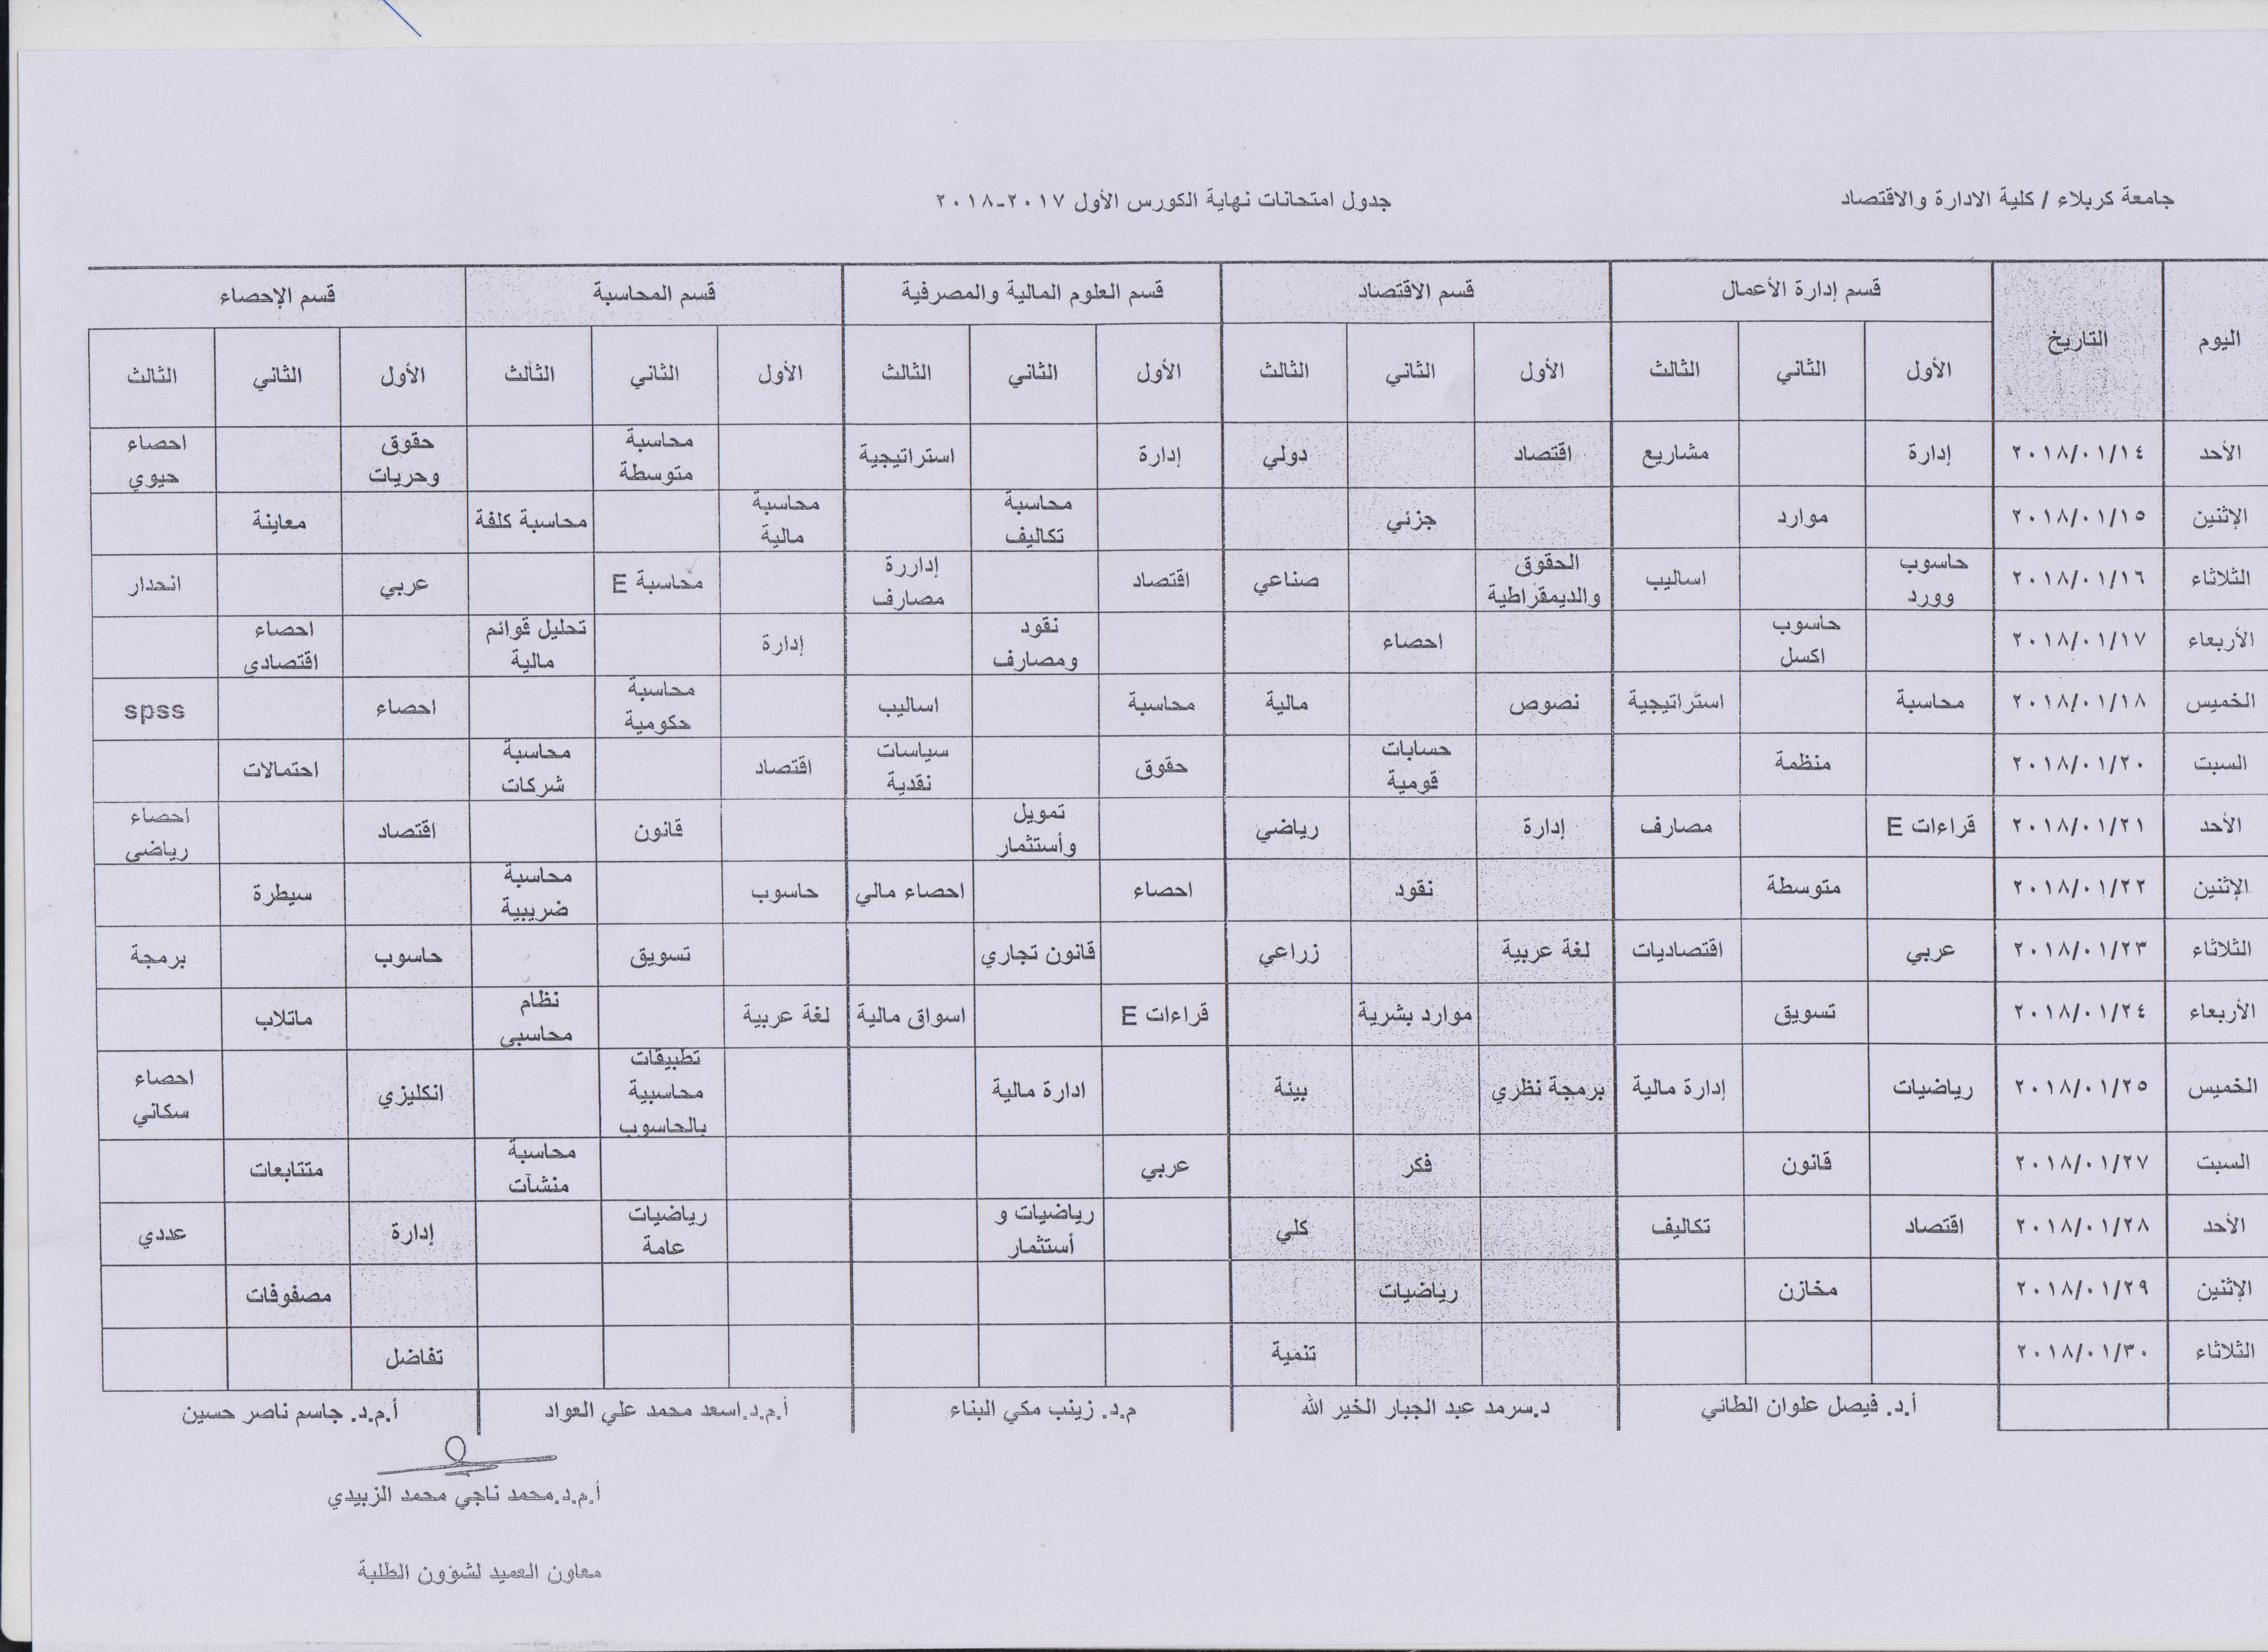 جدول امتحانات نهاية الكورس الاول للعام الدراسي 2017-2018 لكافة الاقسام العلمية